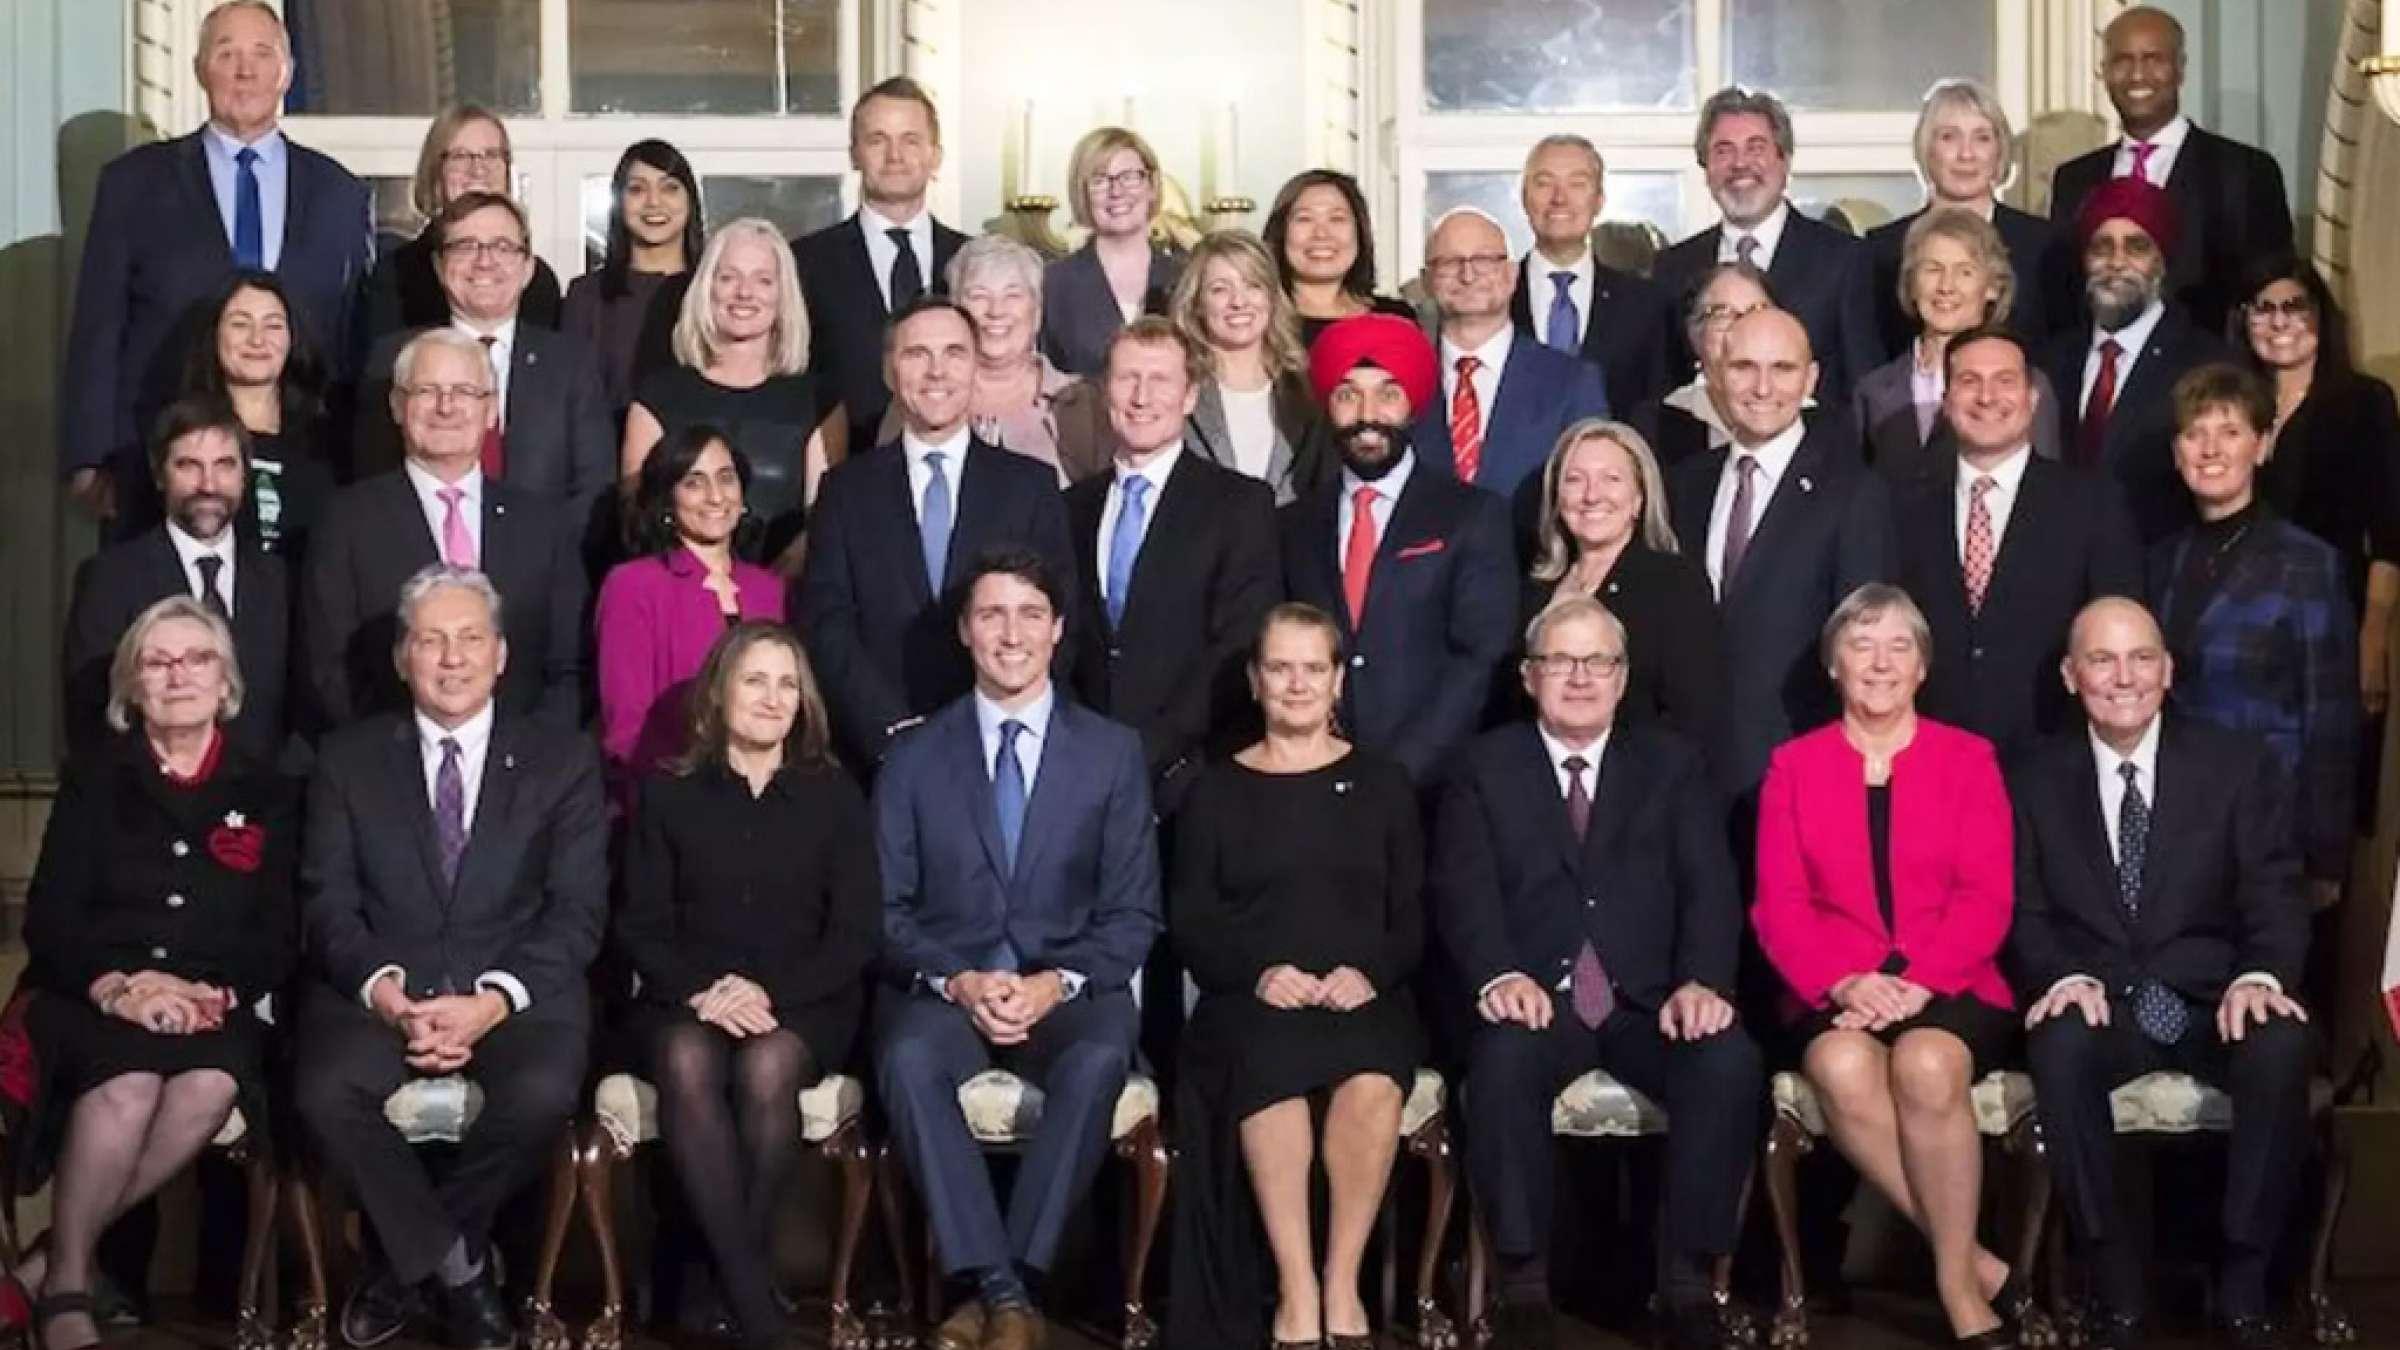 اخبار-کانادا-کابینه-جدید-جاستین-ترودو-معرفی-شد